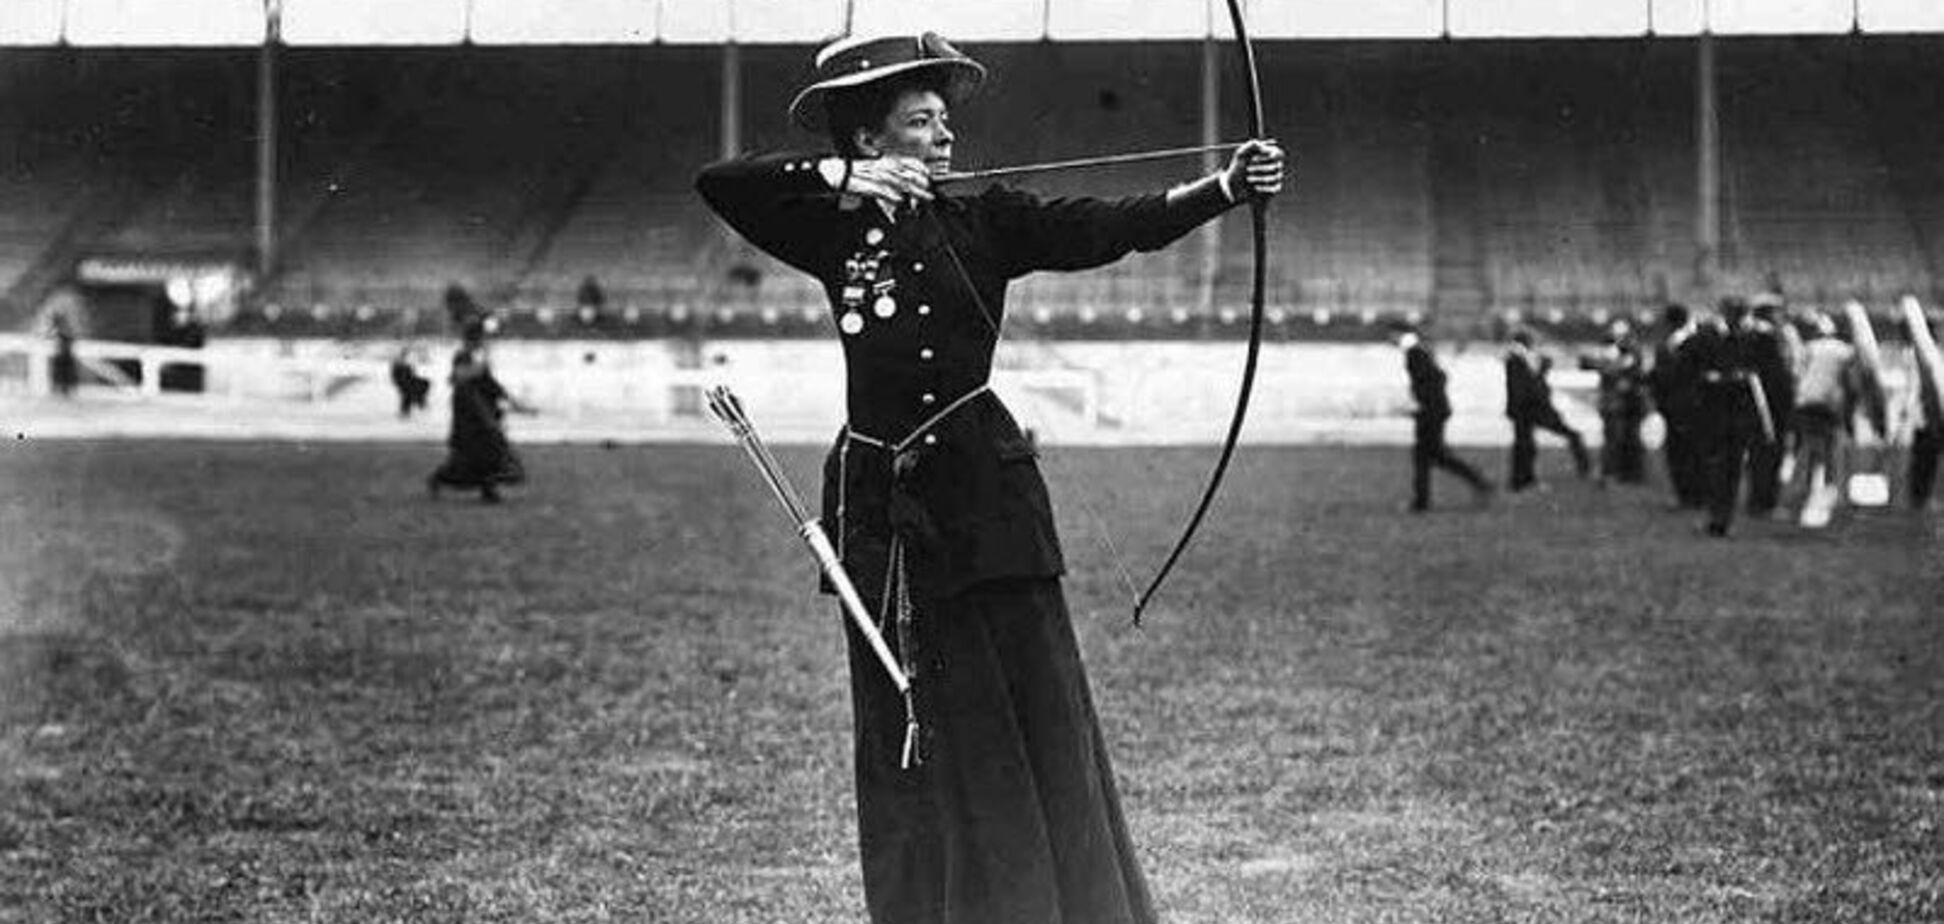 Закованы в корсеты: что известно о первых-женщинах на Олимпийских играх